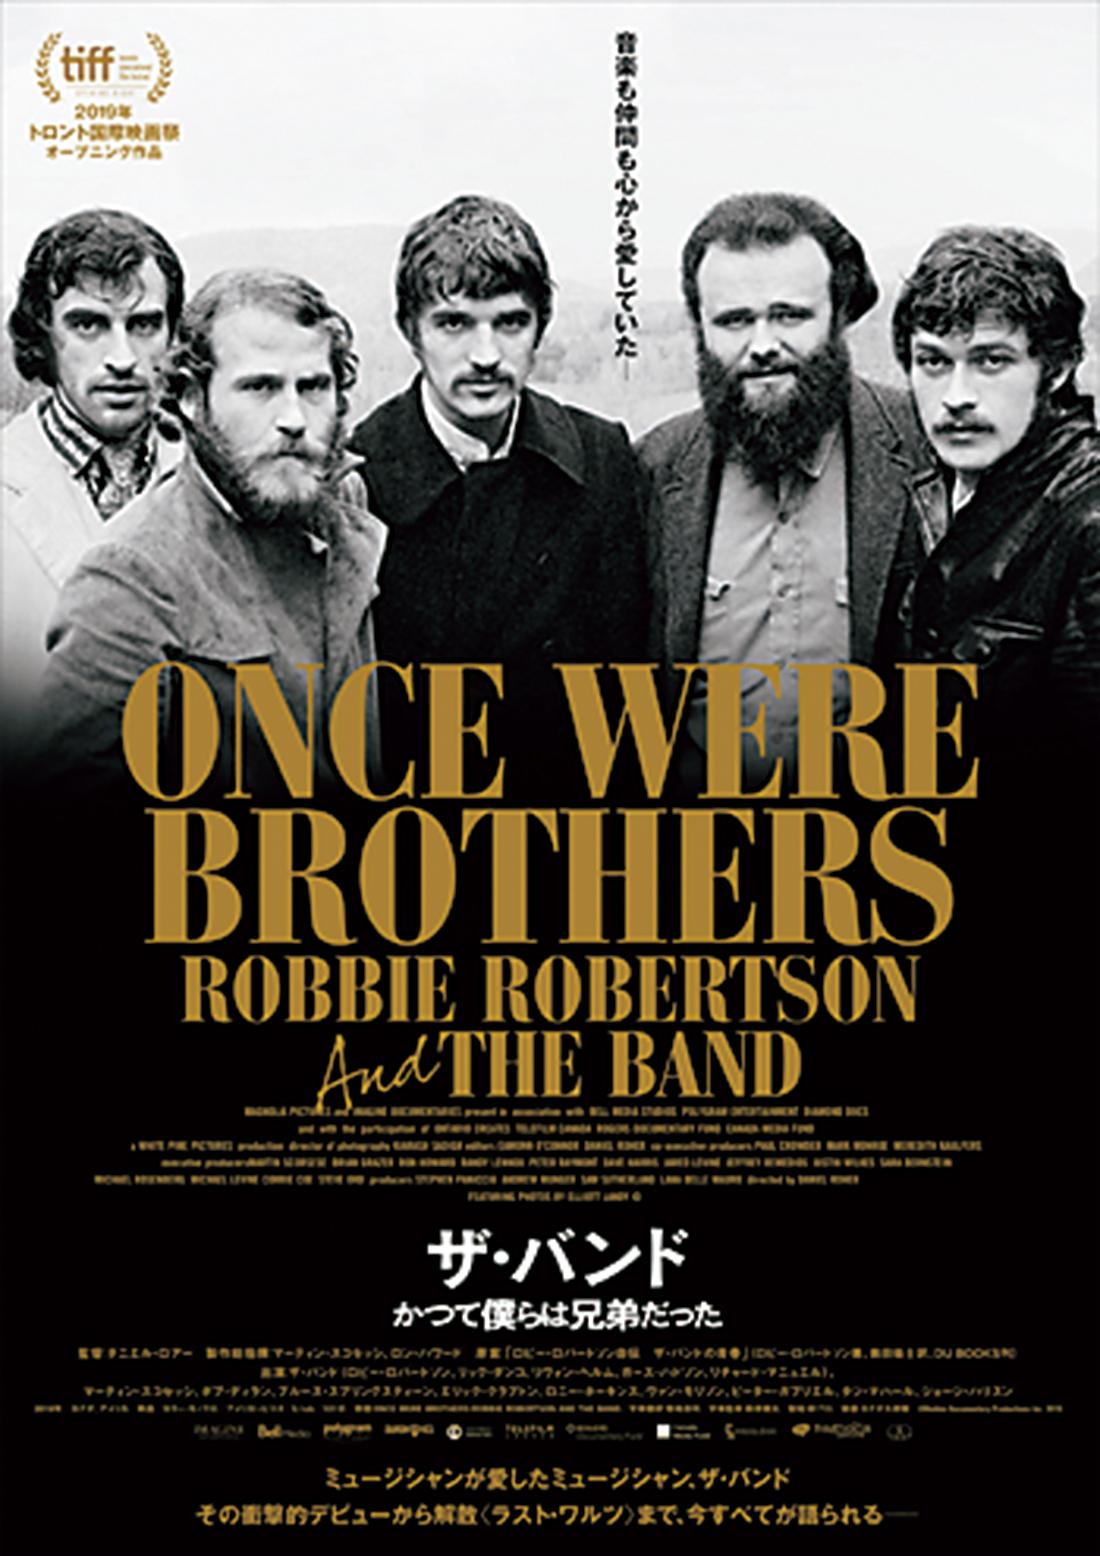 『ザ・バンド かつて僕らは兄弟だった』